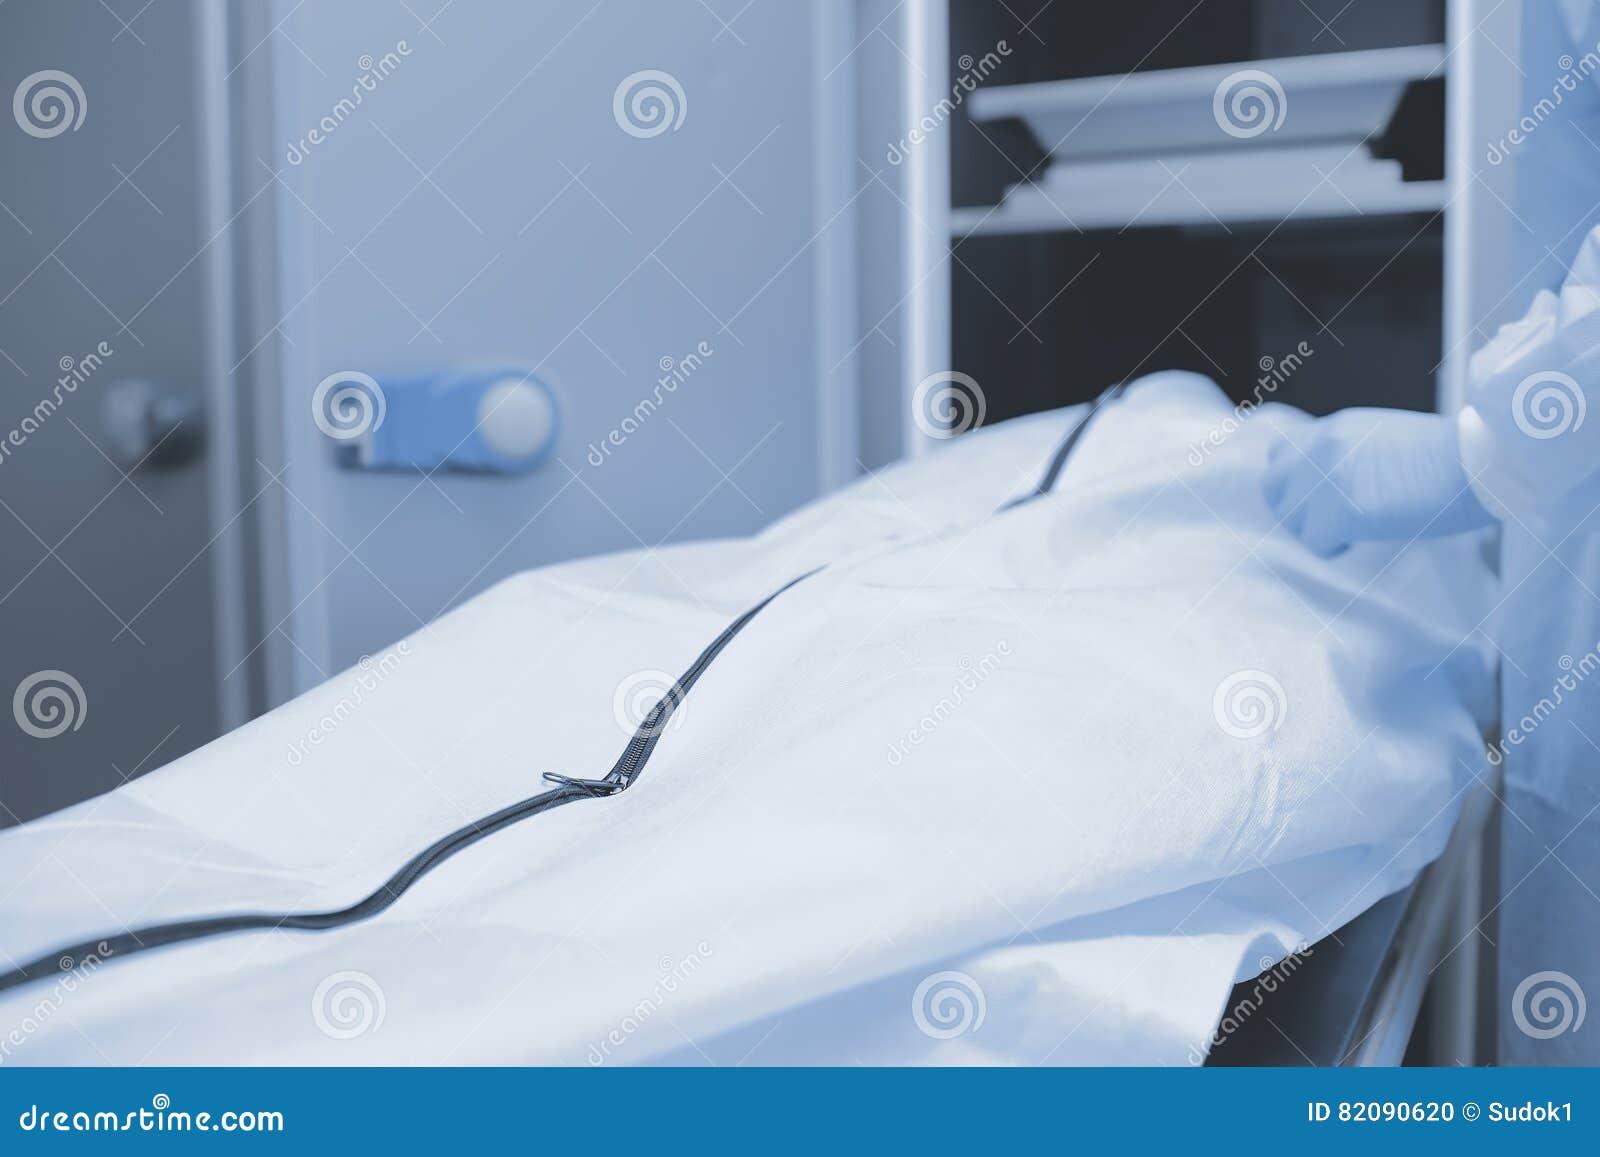 Preparazioni per l autopsia, fondo medico